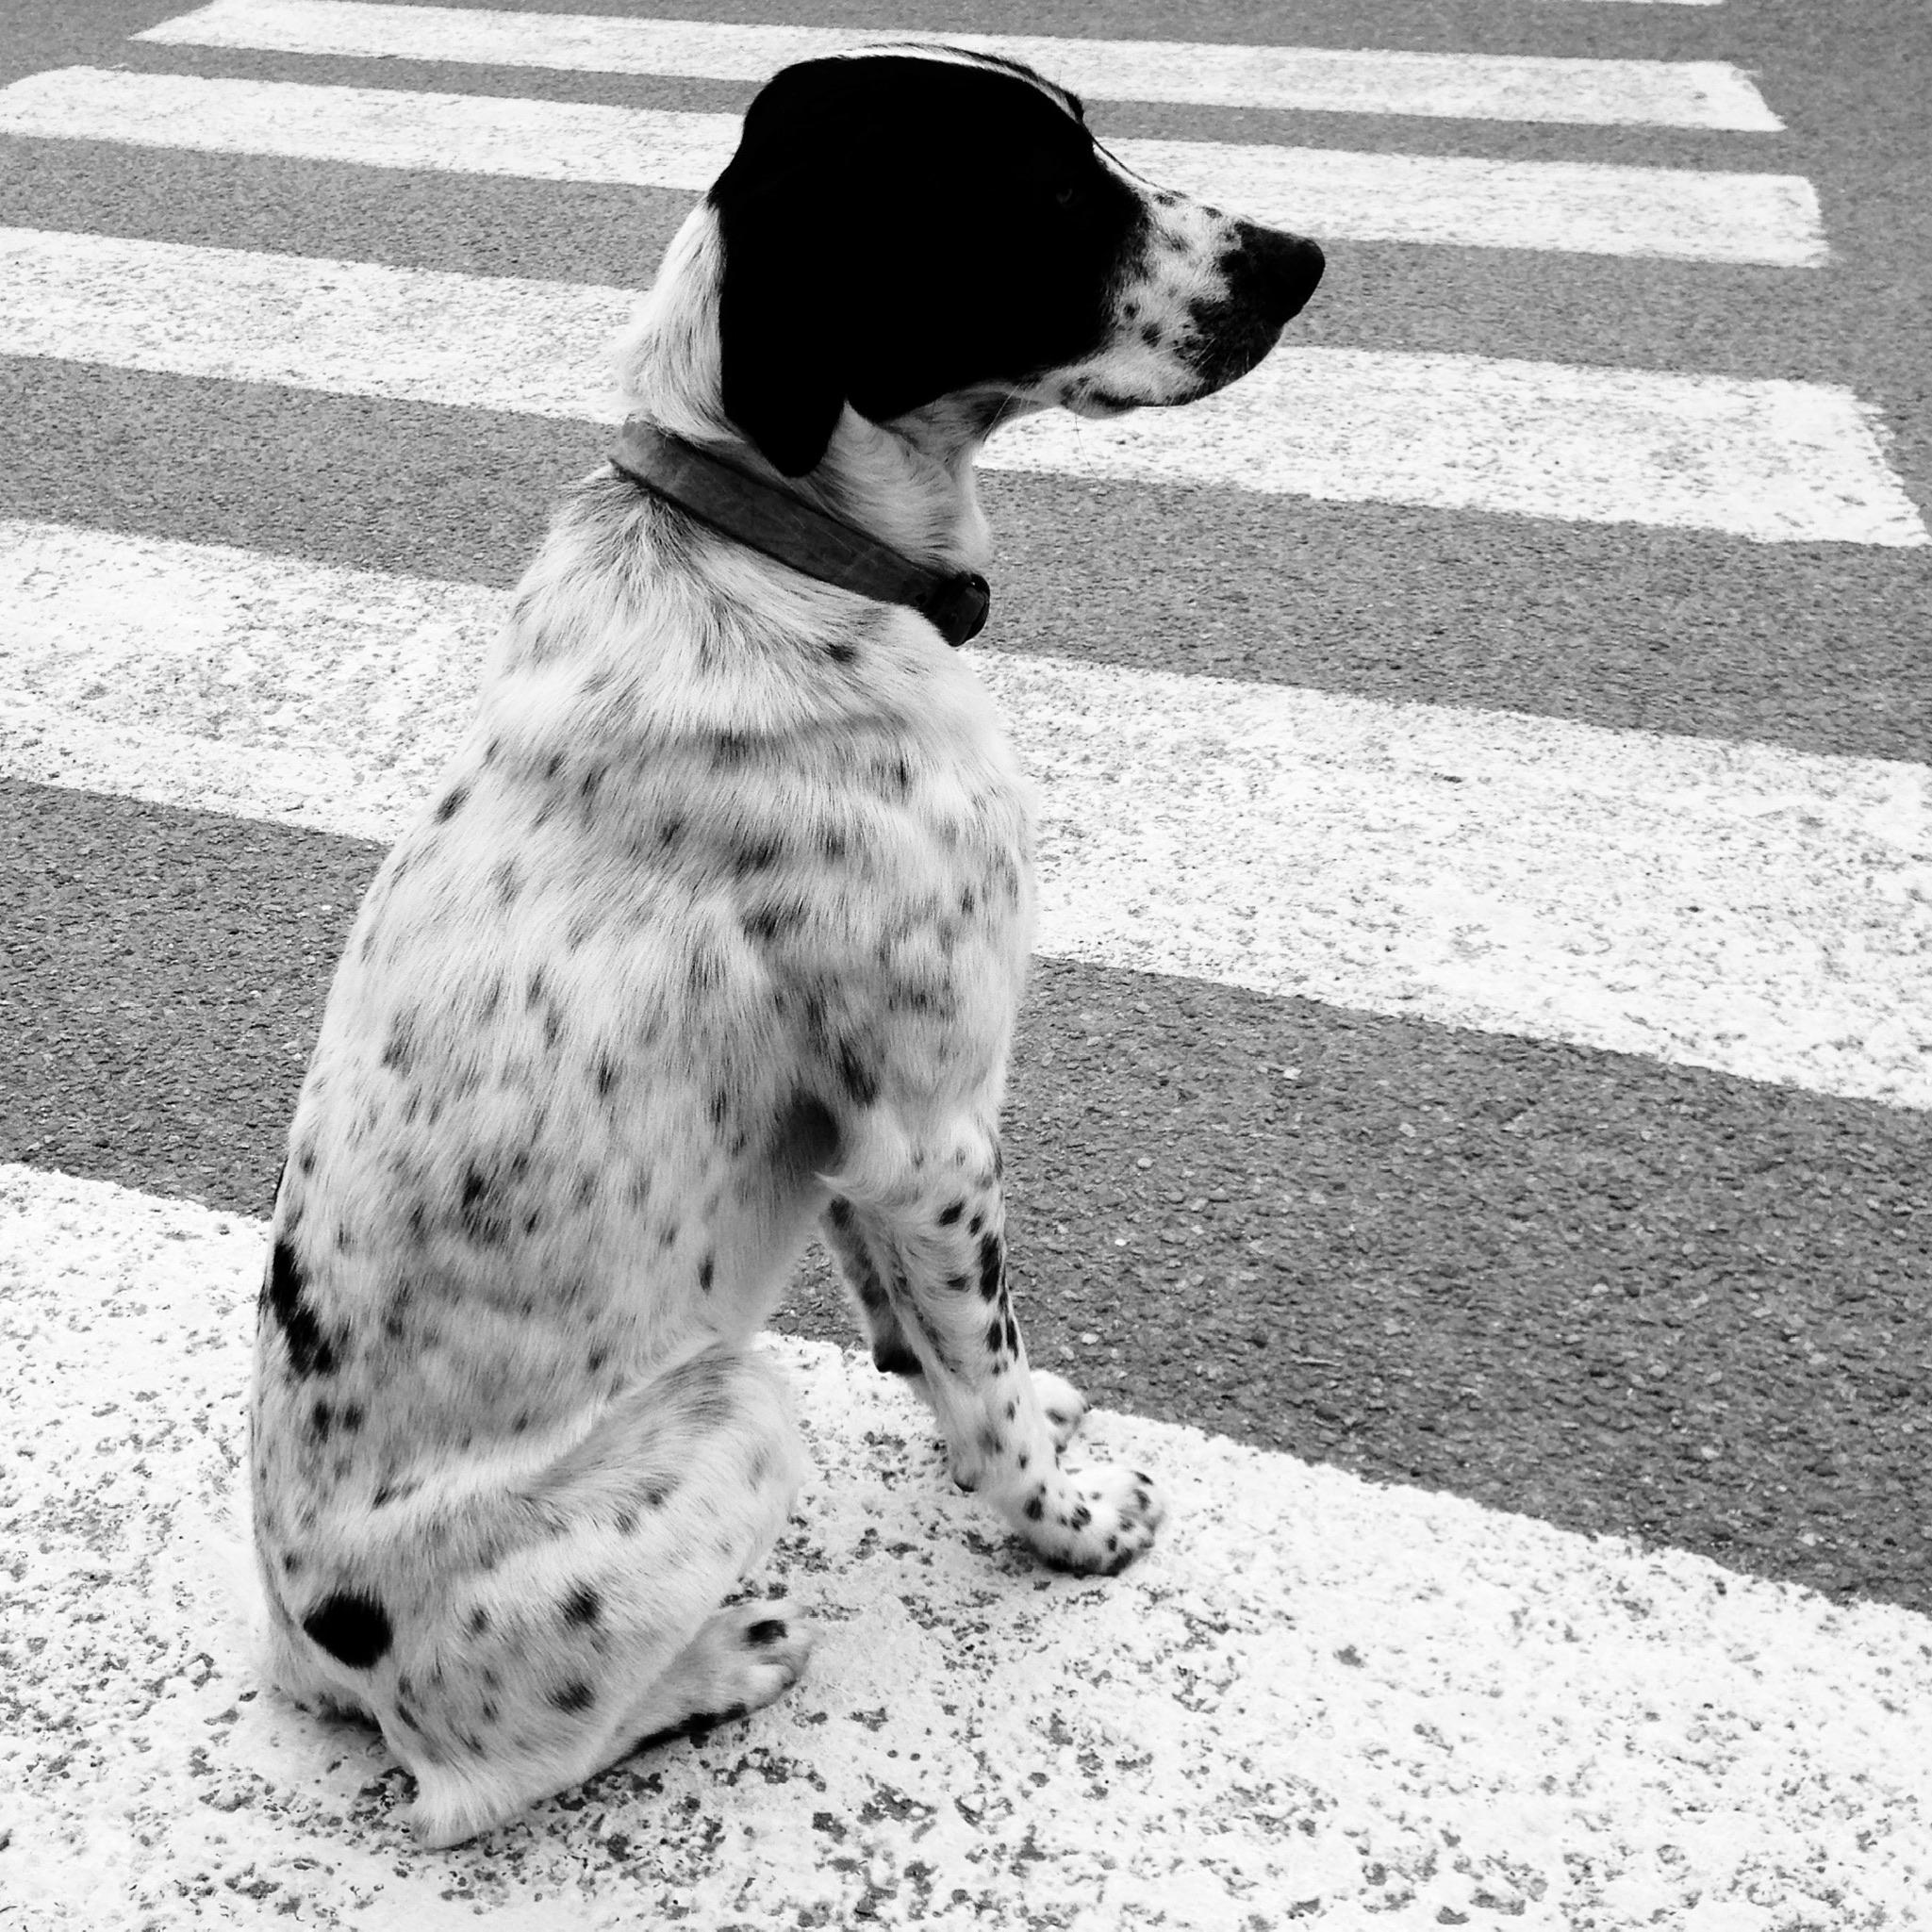 Le passage-chien